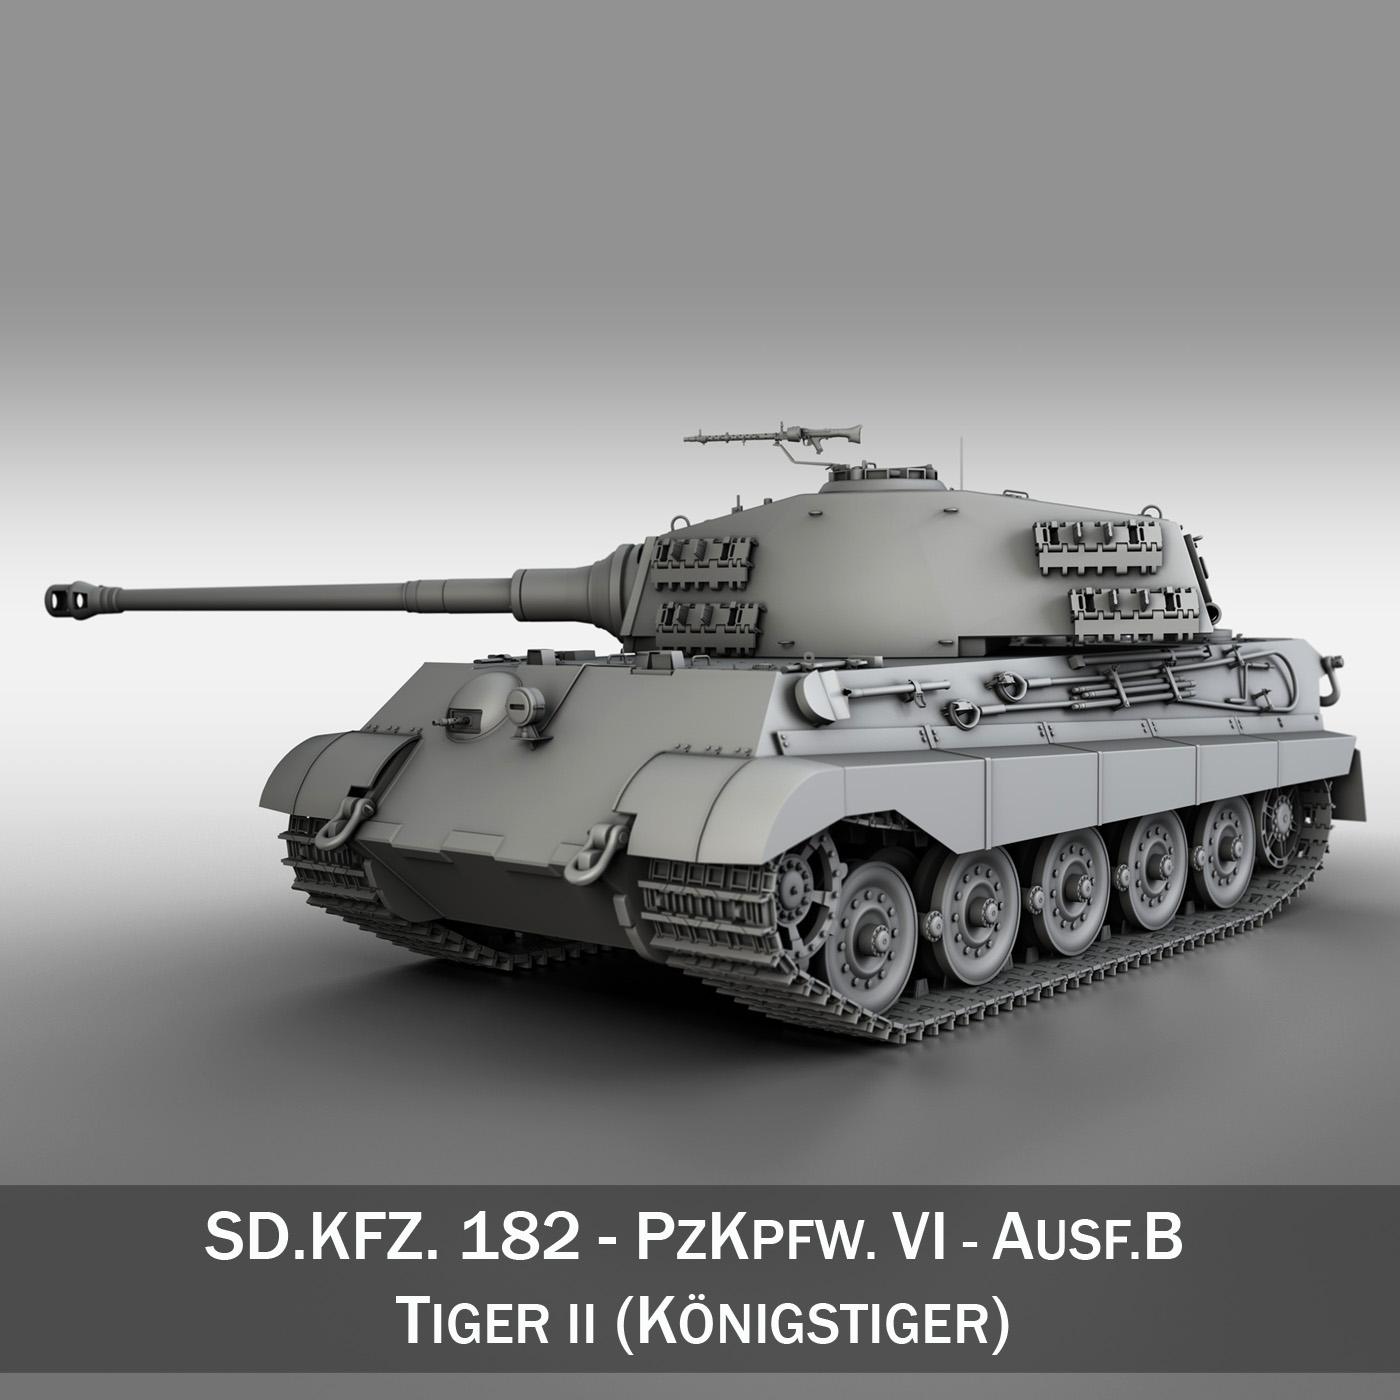 sd.kfz 182 panzer vi – ausf b – tiger ii 3d model 3ds fbx c4d lwo obj 189971